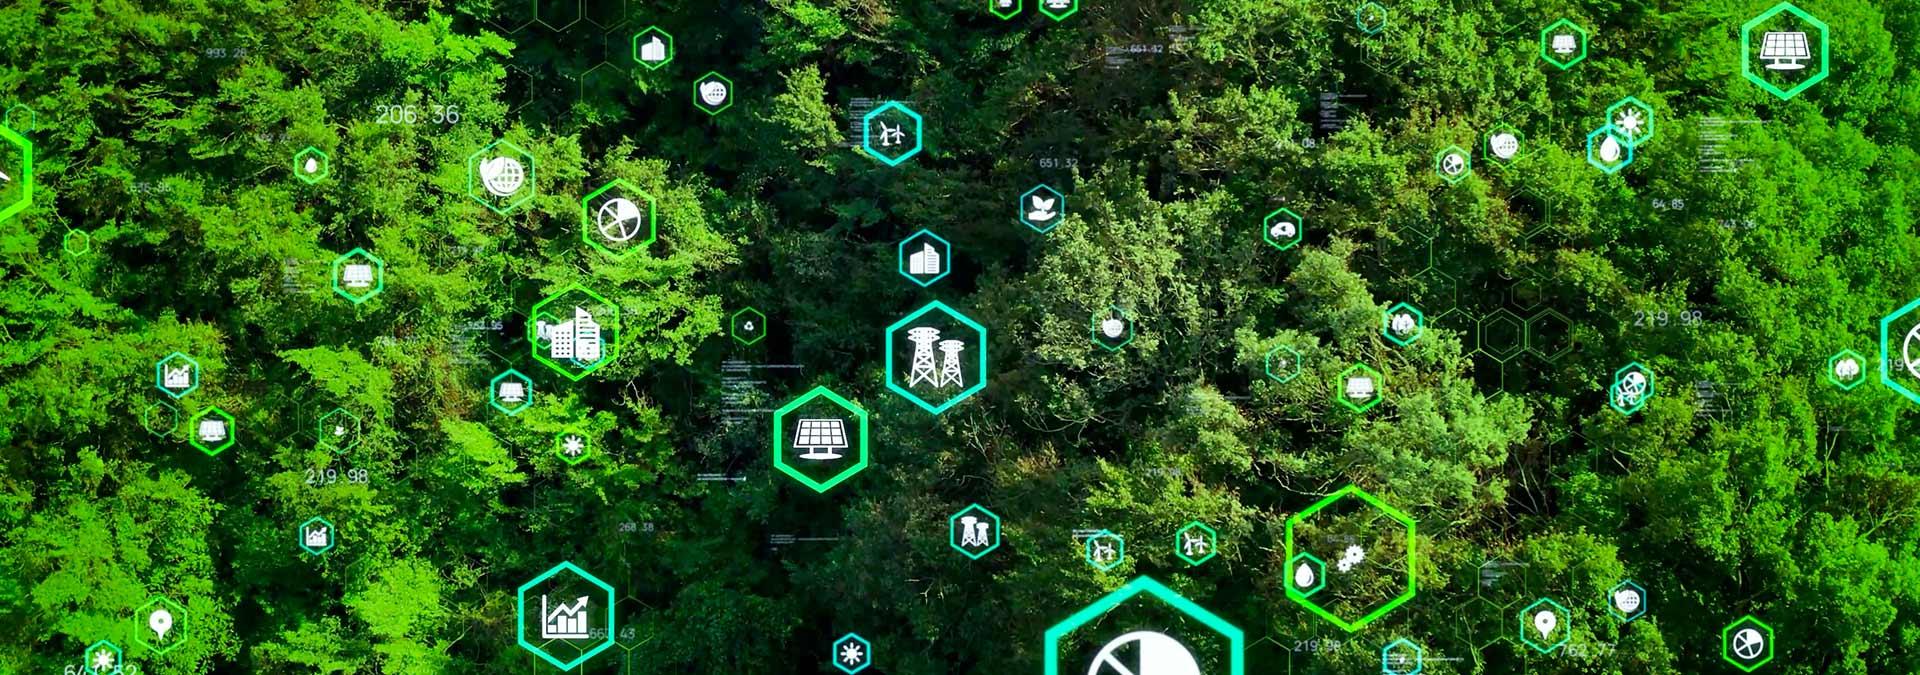 Ecology Web System